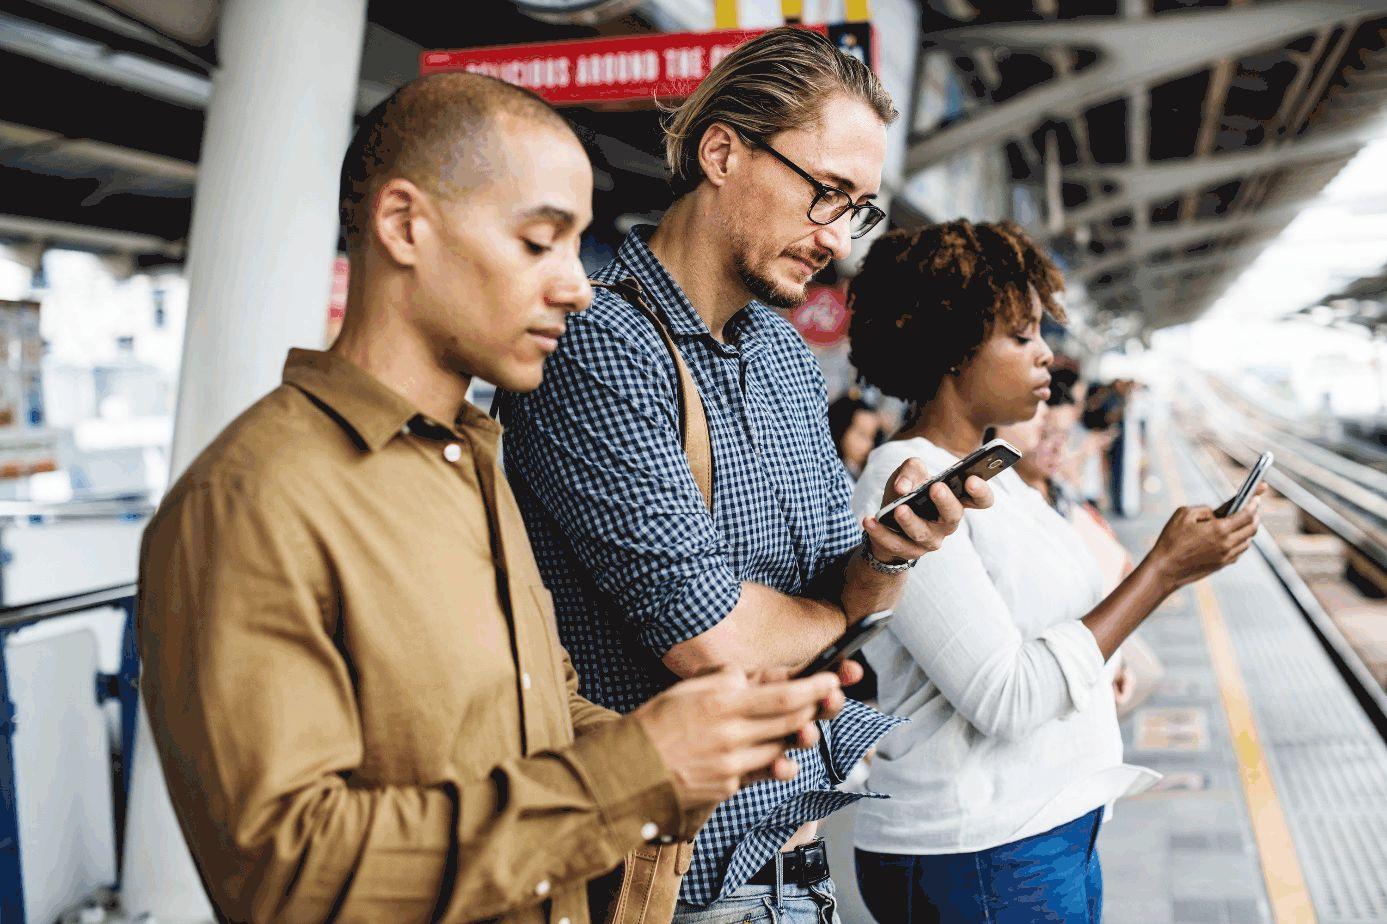 Menschen auf Bahnsteig starren auf ihr Smartphone